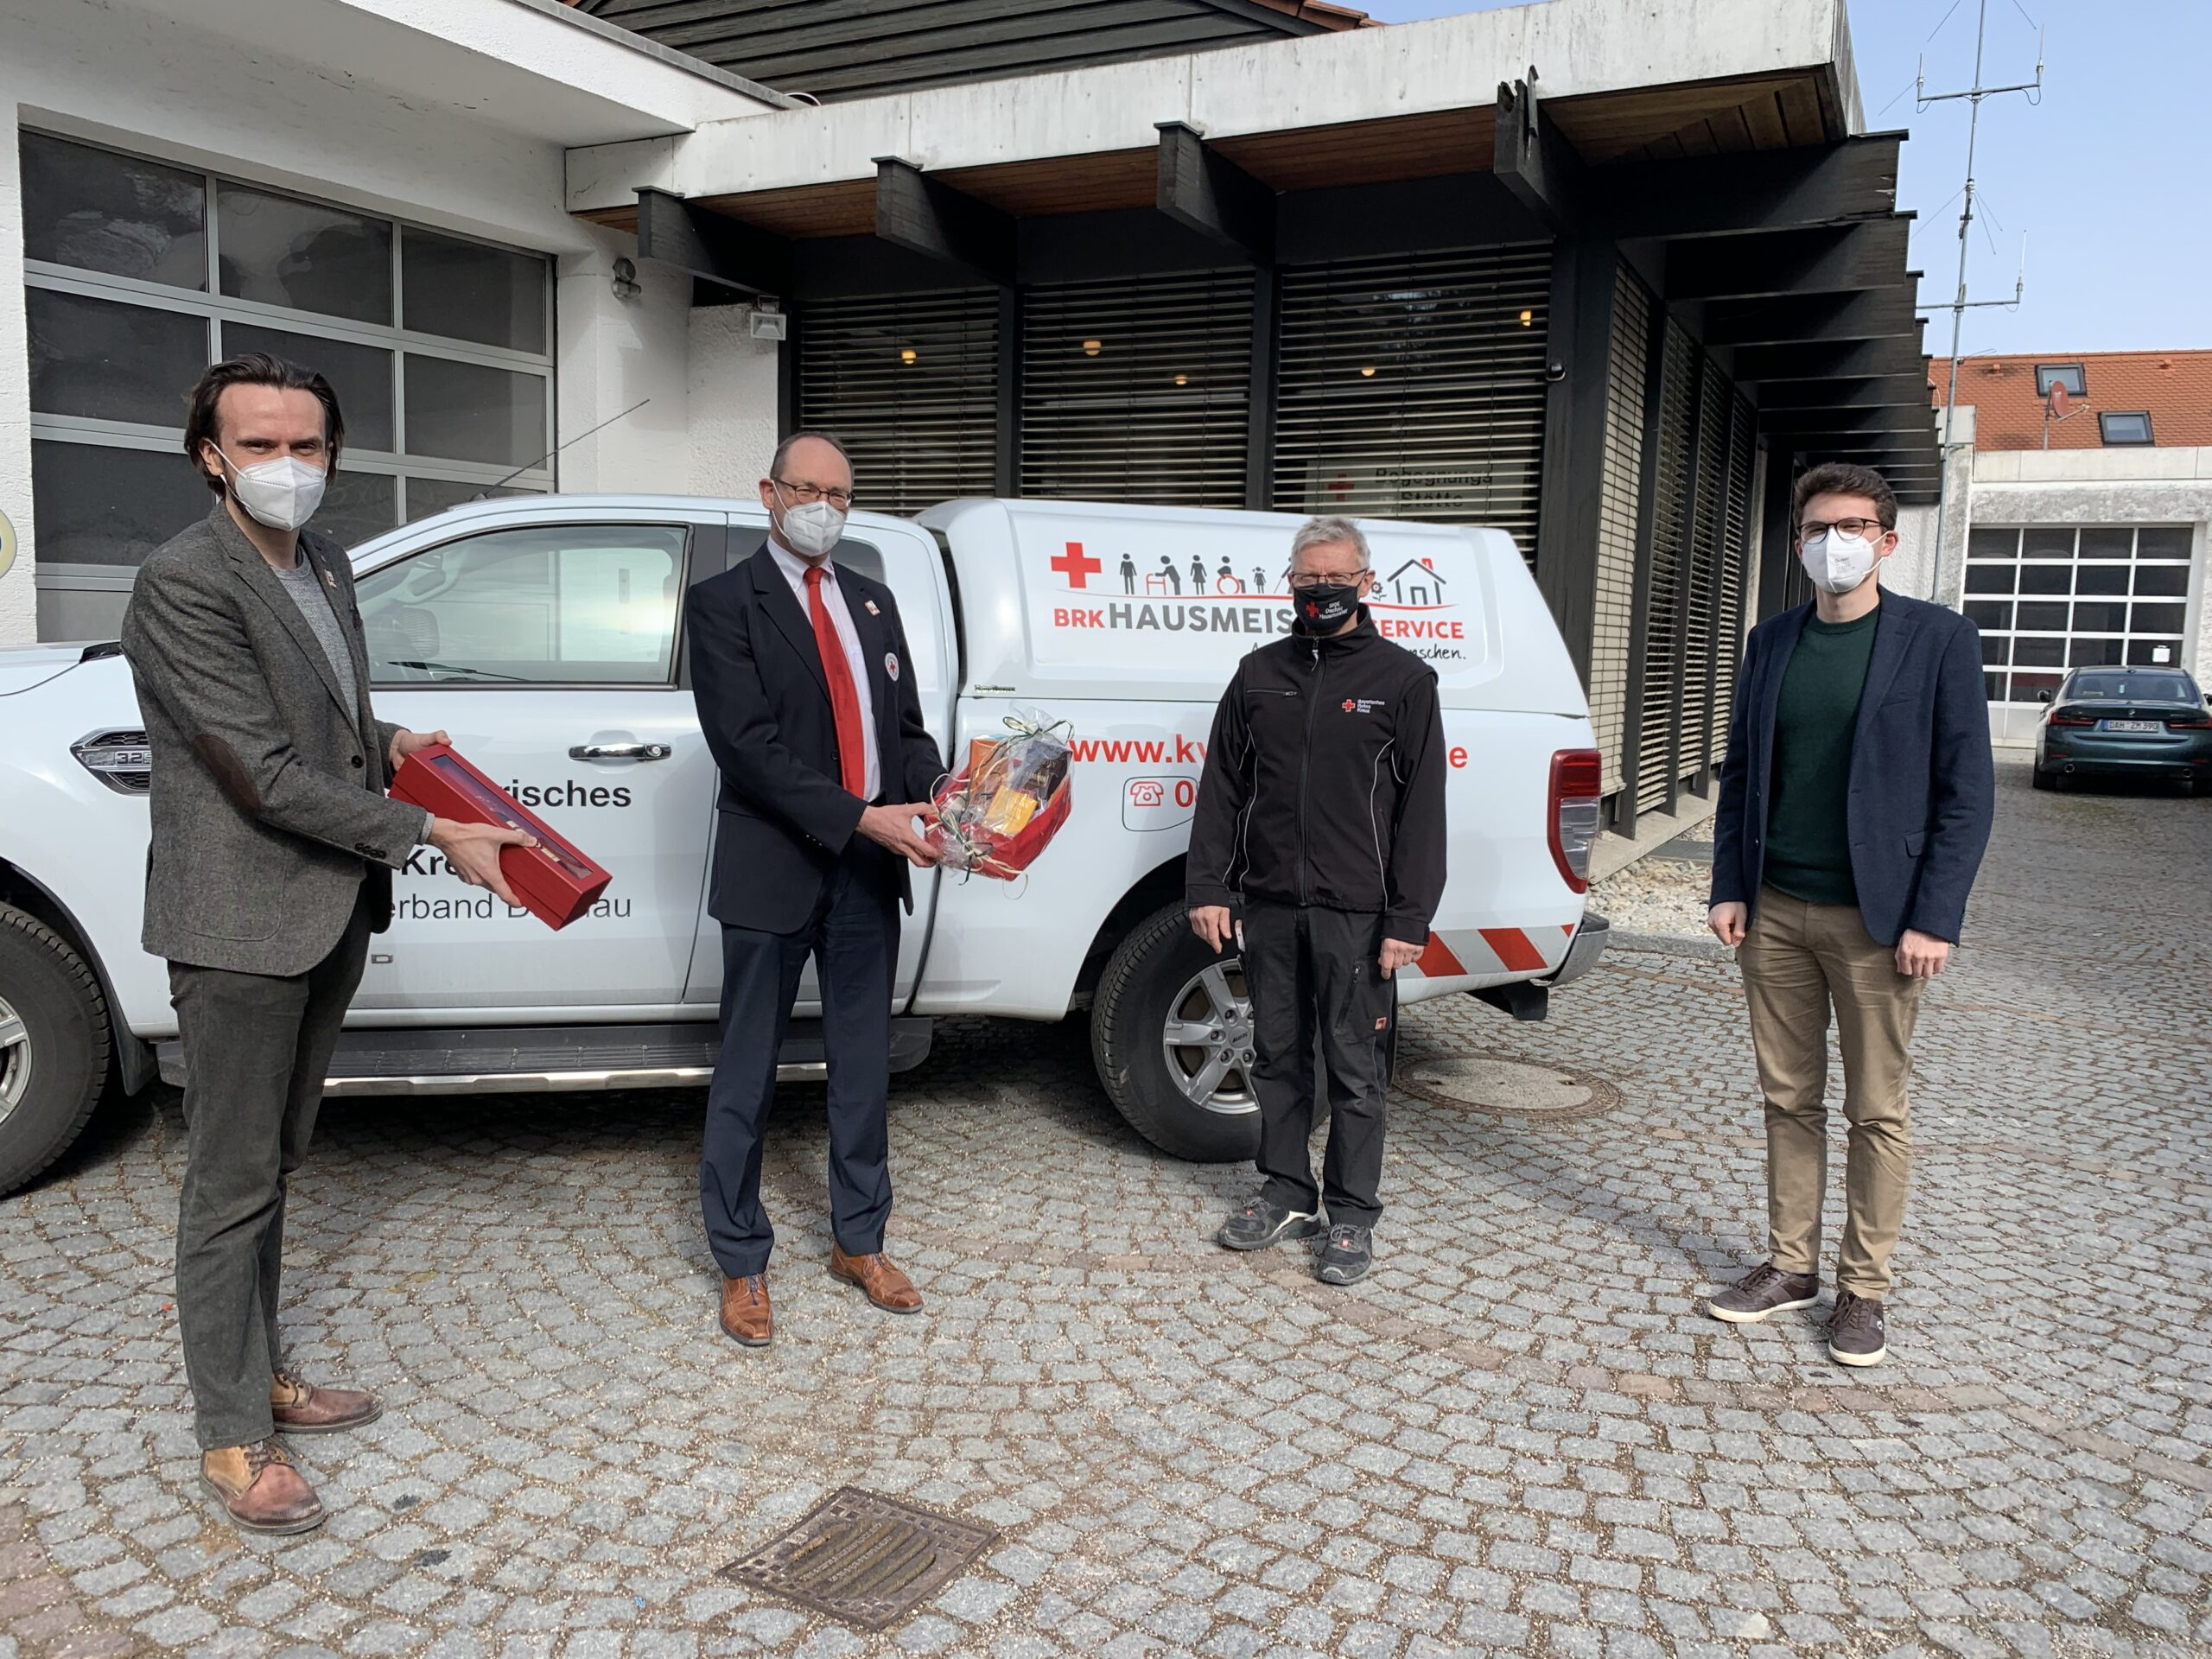 Paul Polyfka, Bernhard Seidenath und Dennis Behrendt (rechts) gratulieren Franz Rötzer (Mitte) zum Dienstjubiläum.